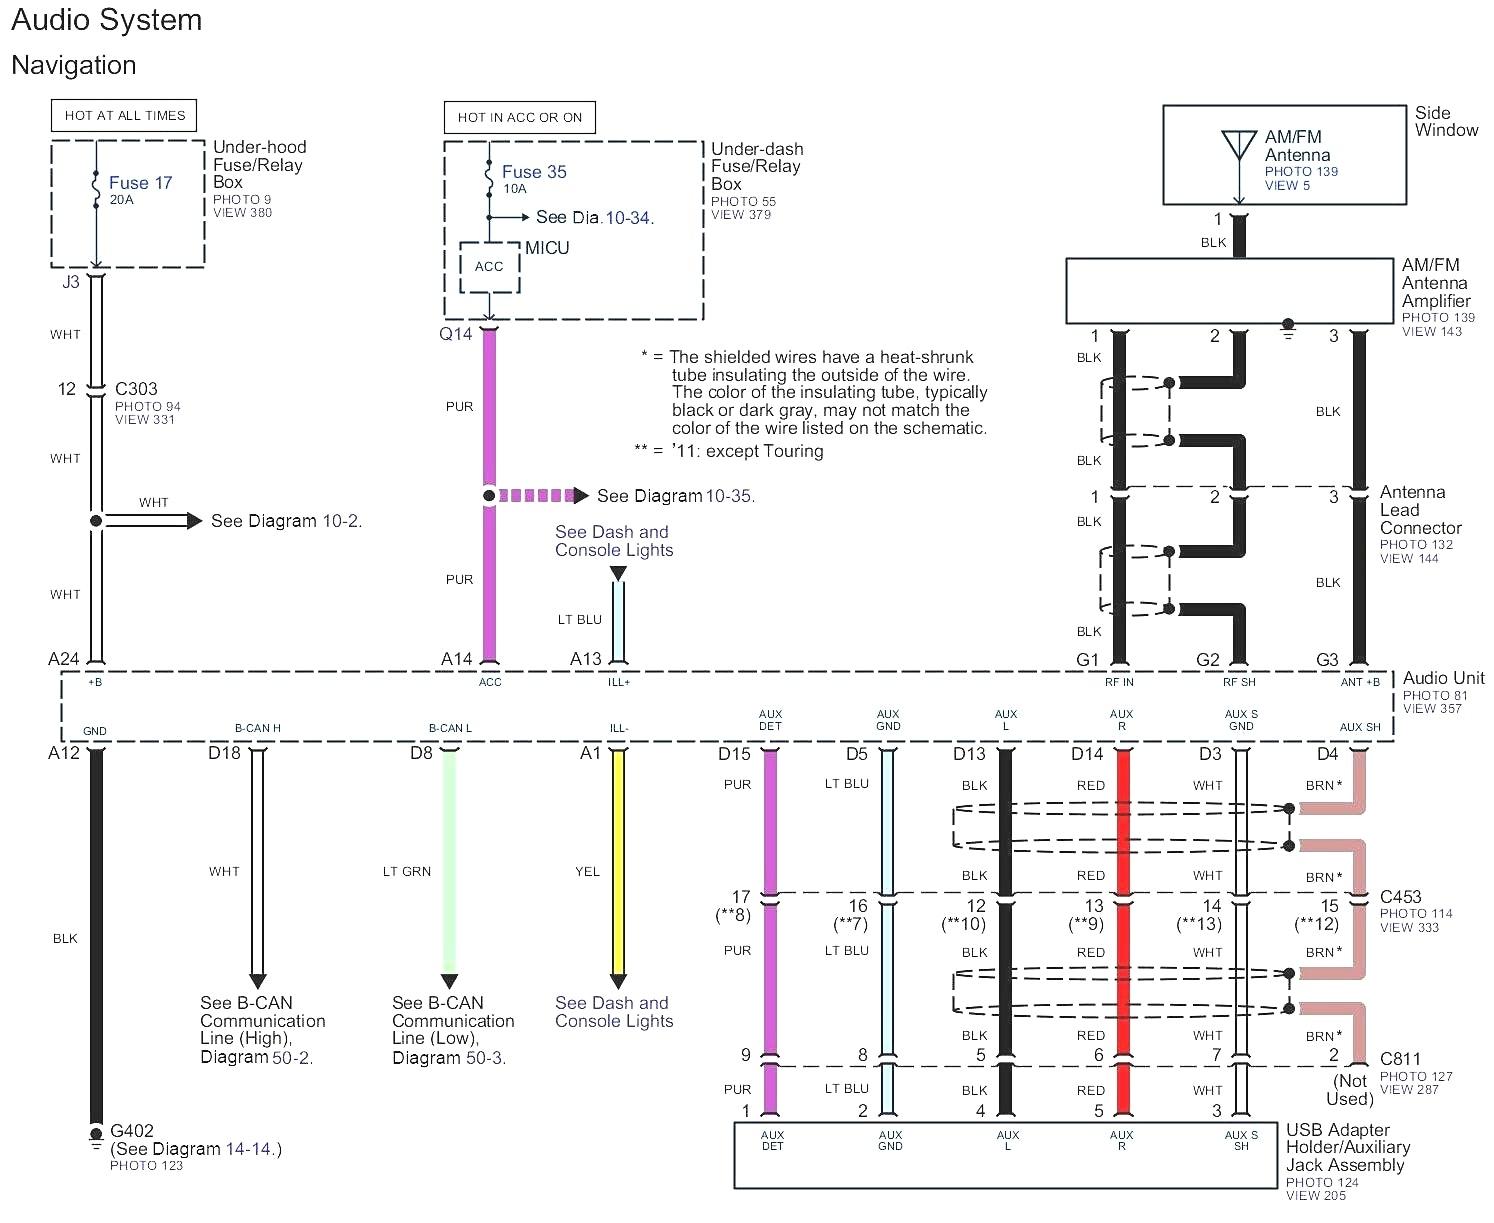 hight resolution of 1996 honda civic radio wiring diagram 2003 honda accord stereo wiring diagram 2003 honda civic